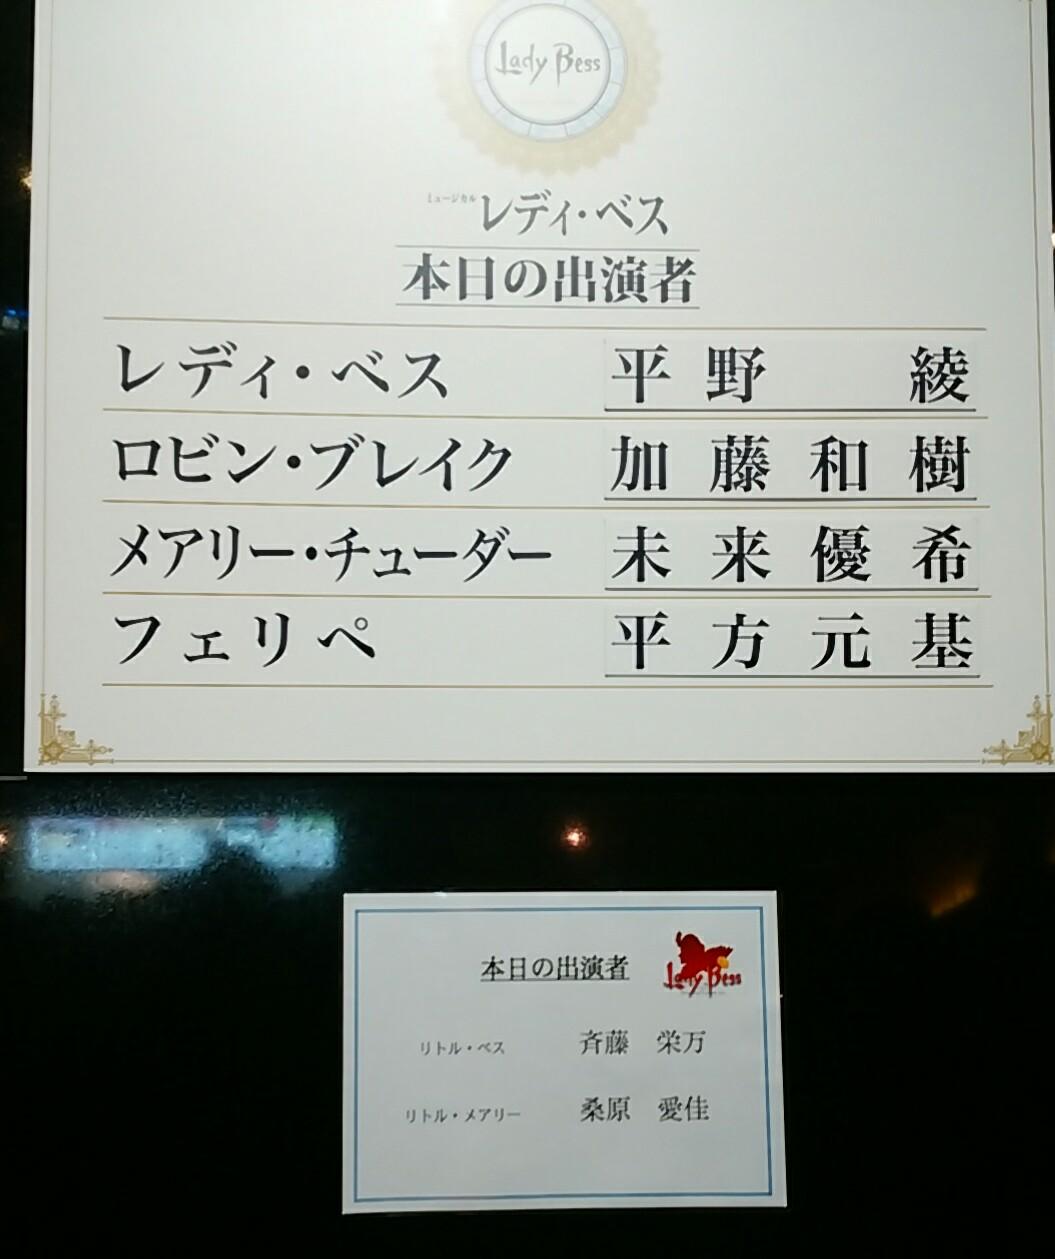 10/21「レディ・ベス」ソワレ